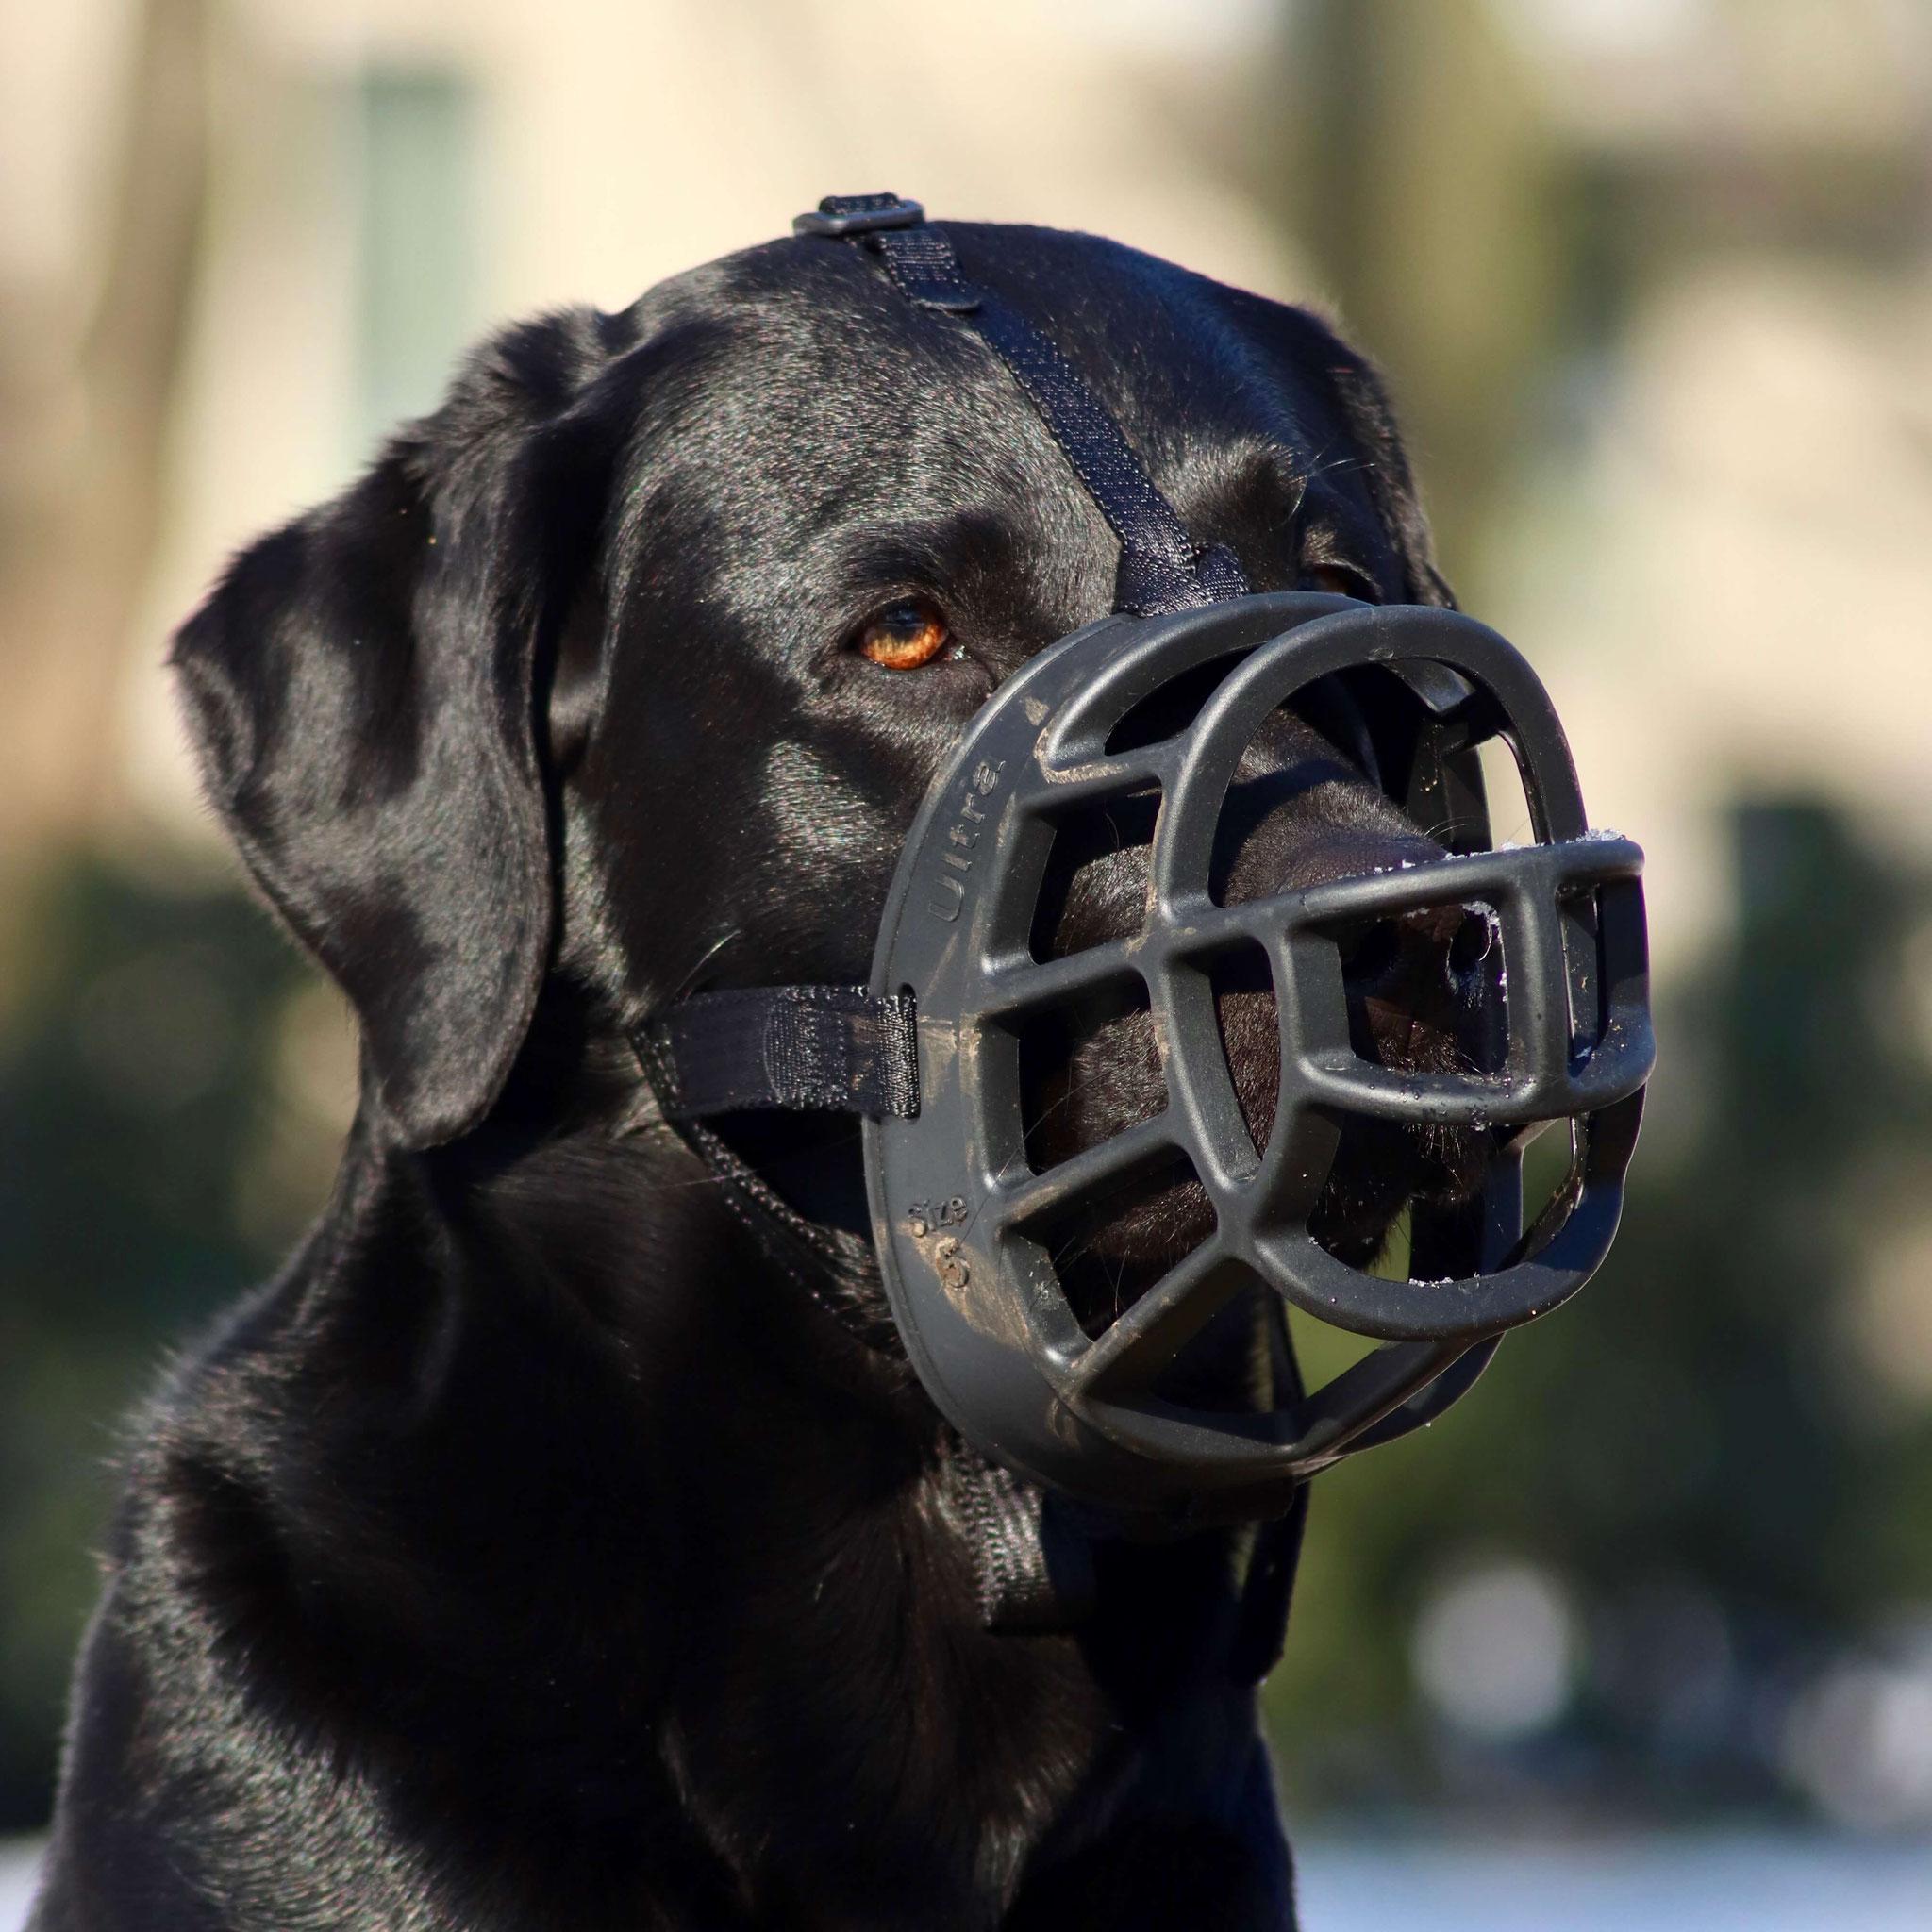 Jeder Hund sollte aus unterschiedlichen Gründen einen Maulkorb entspannt tragen können